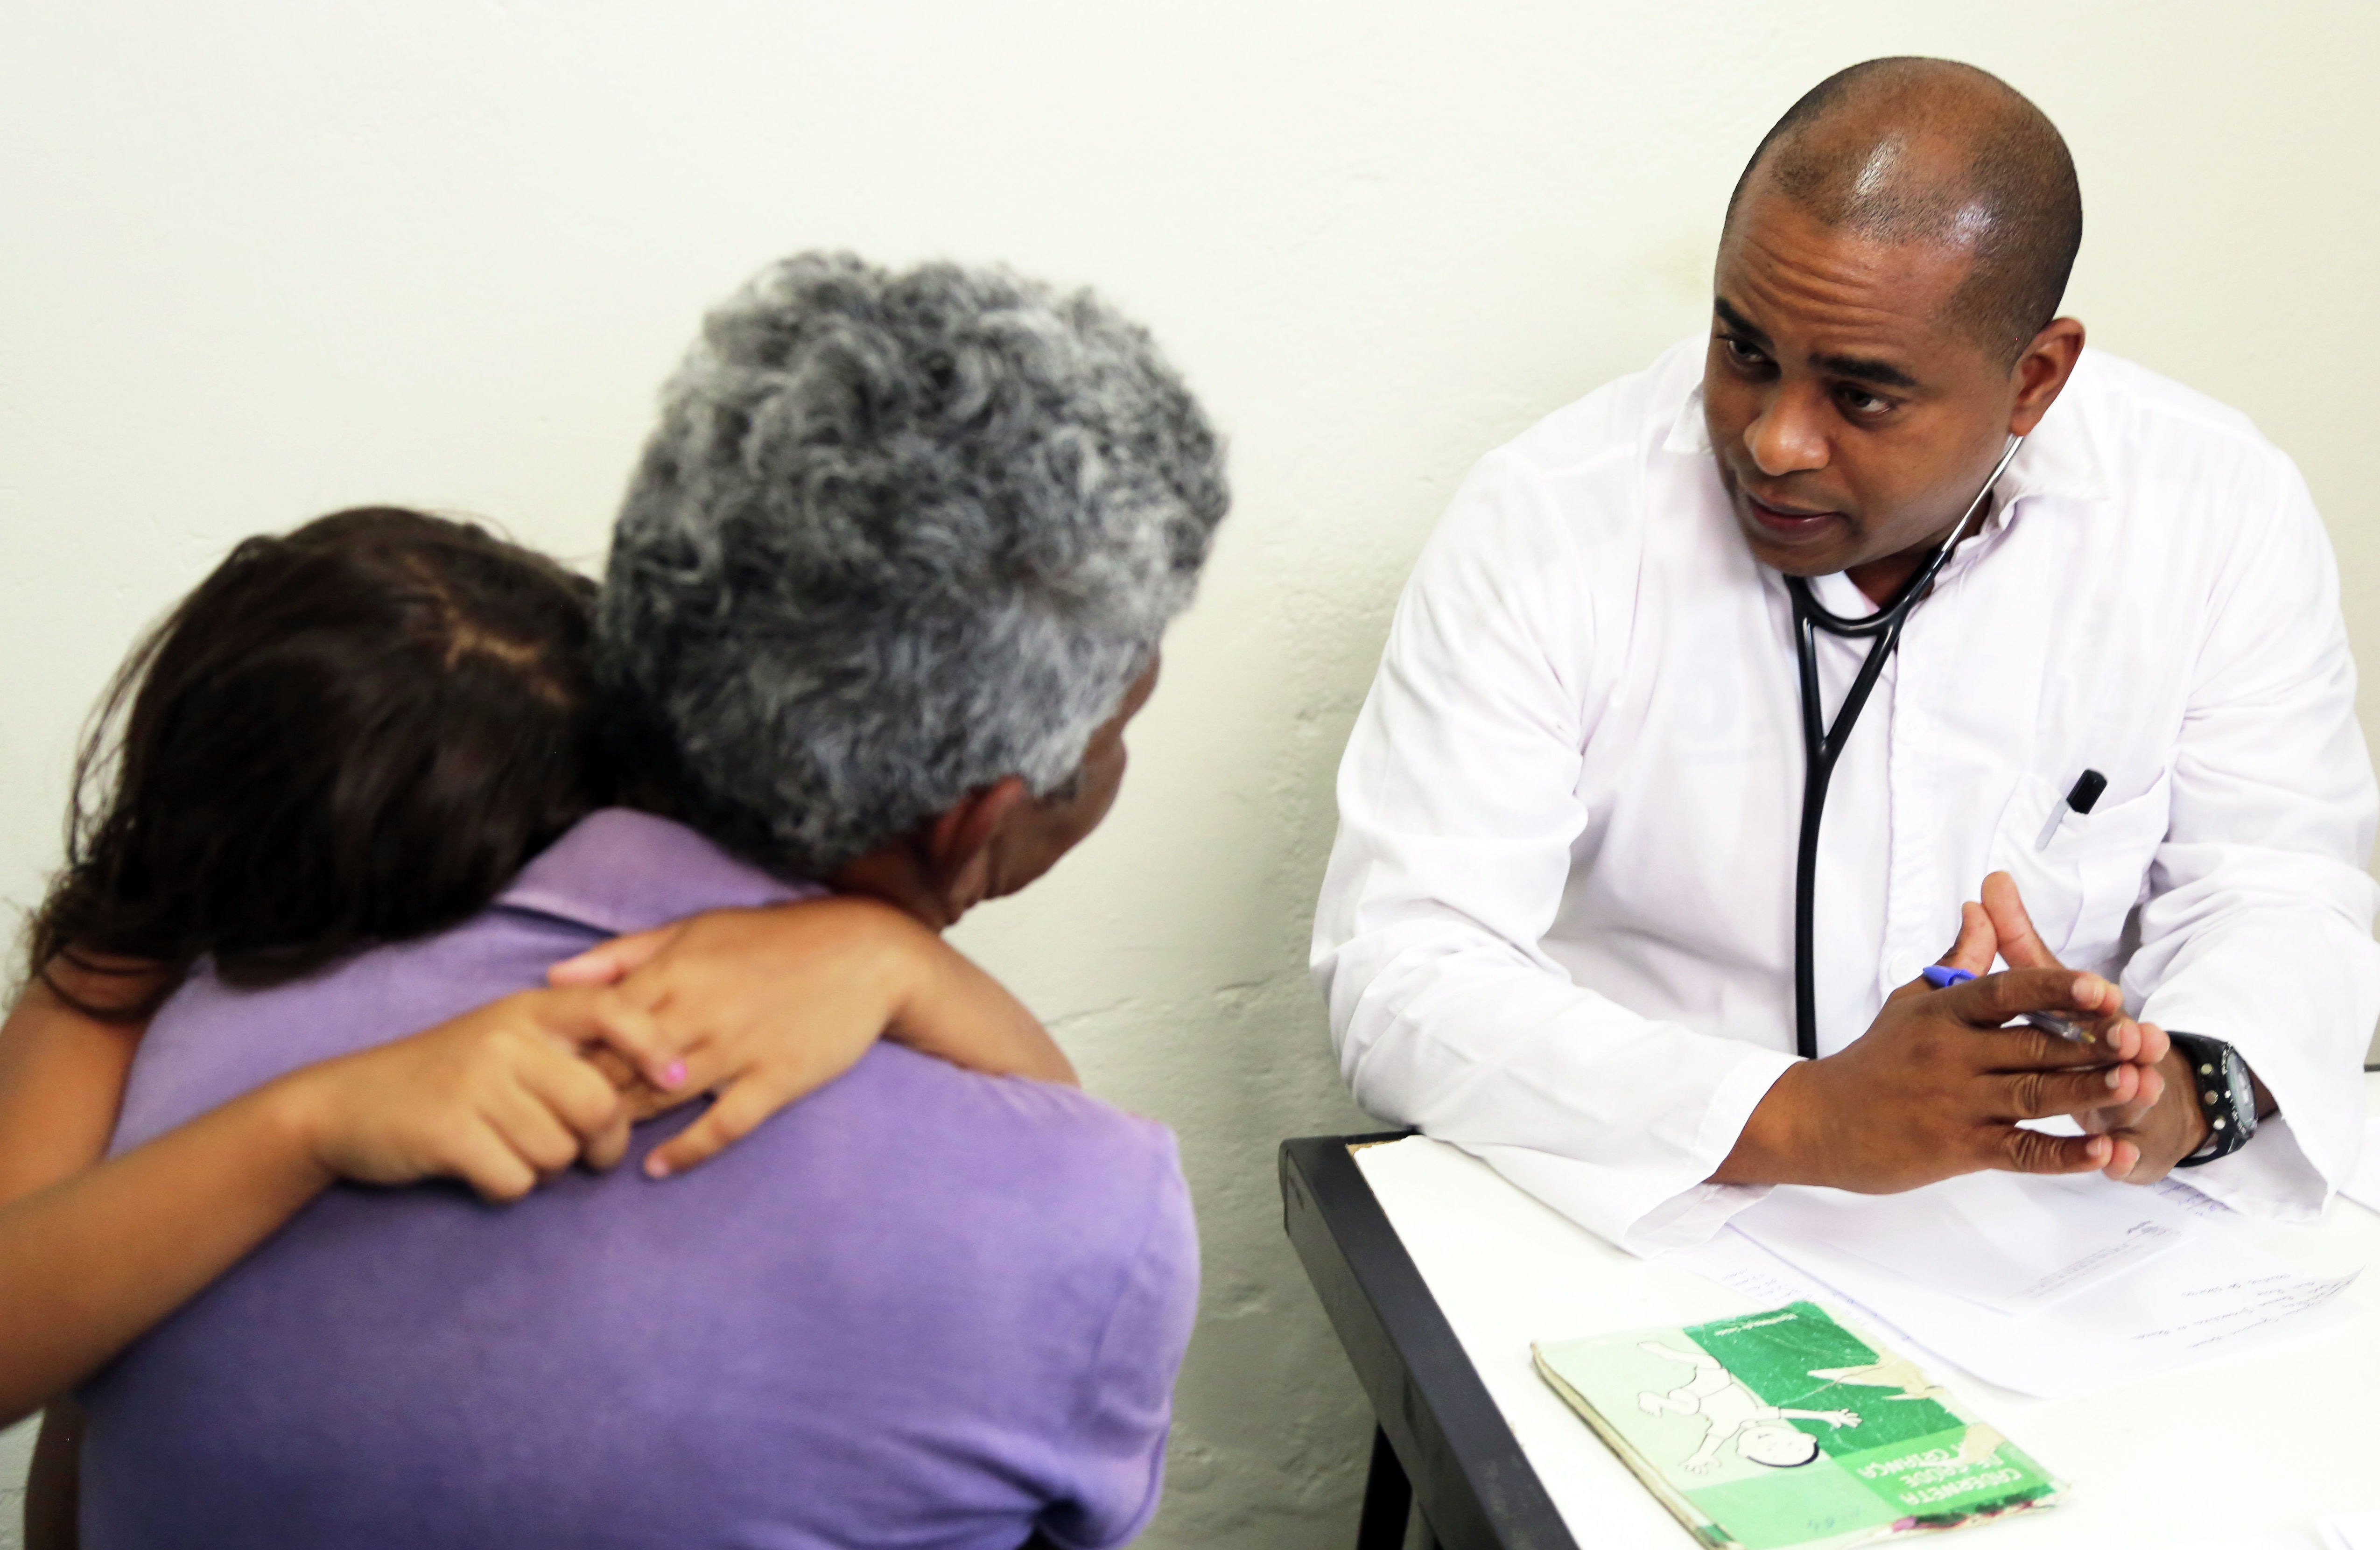 Médicos cubanos começam a trabalhar no interior do estado de Pernambuco, no Brasil.